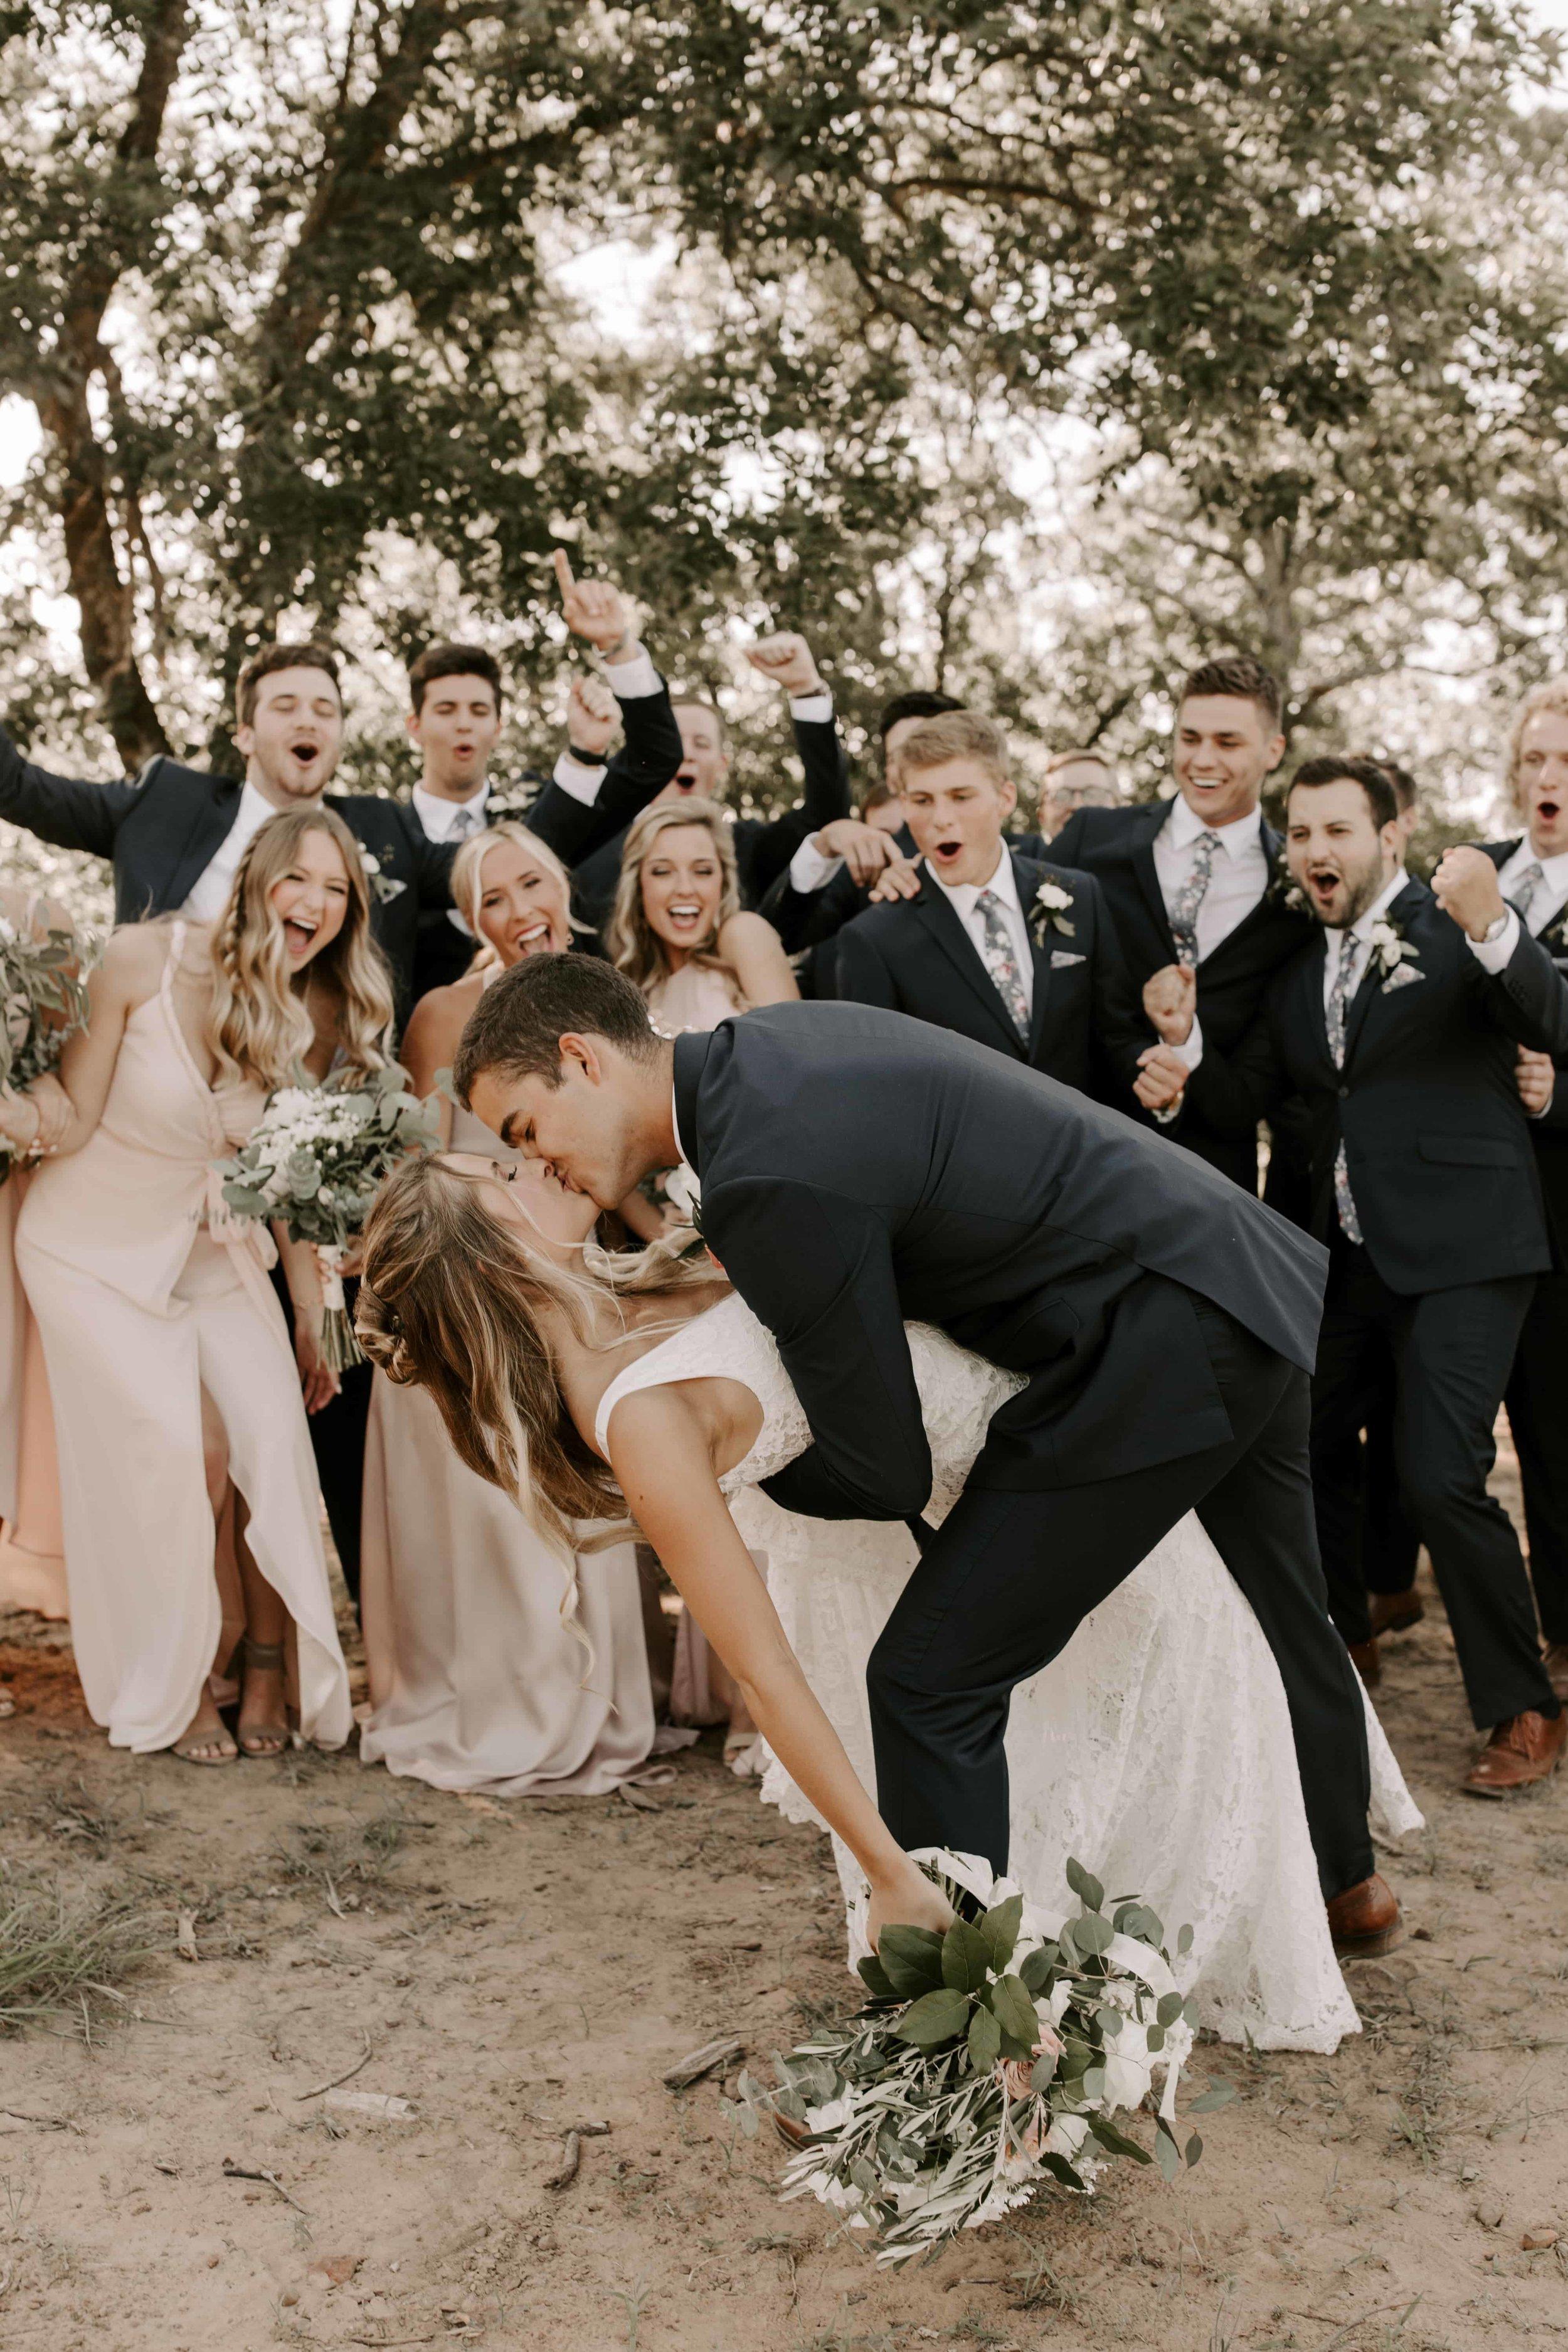 tulsa wedding venue outdoor ceremony 5-min.jpg